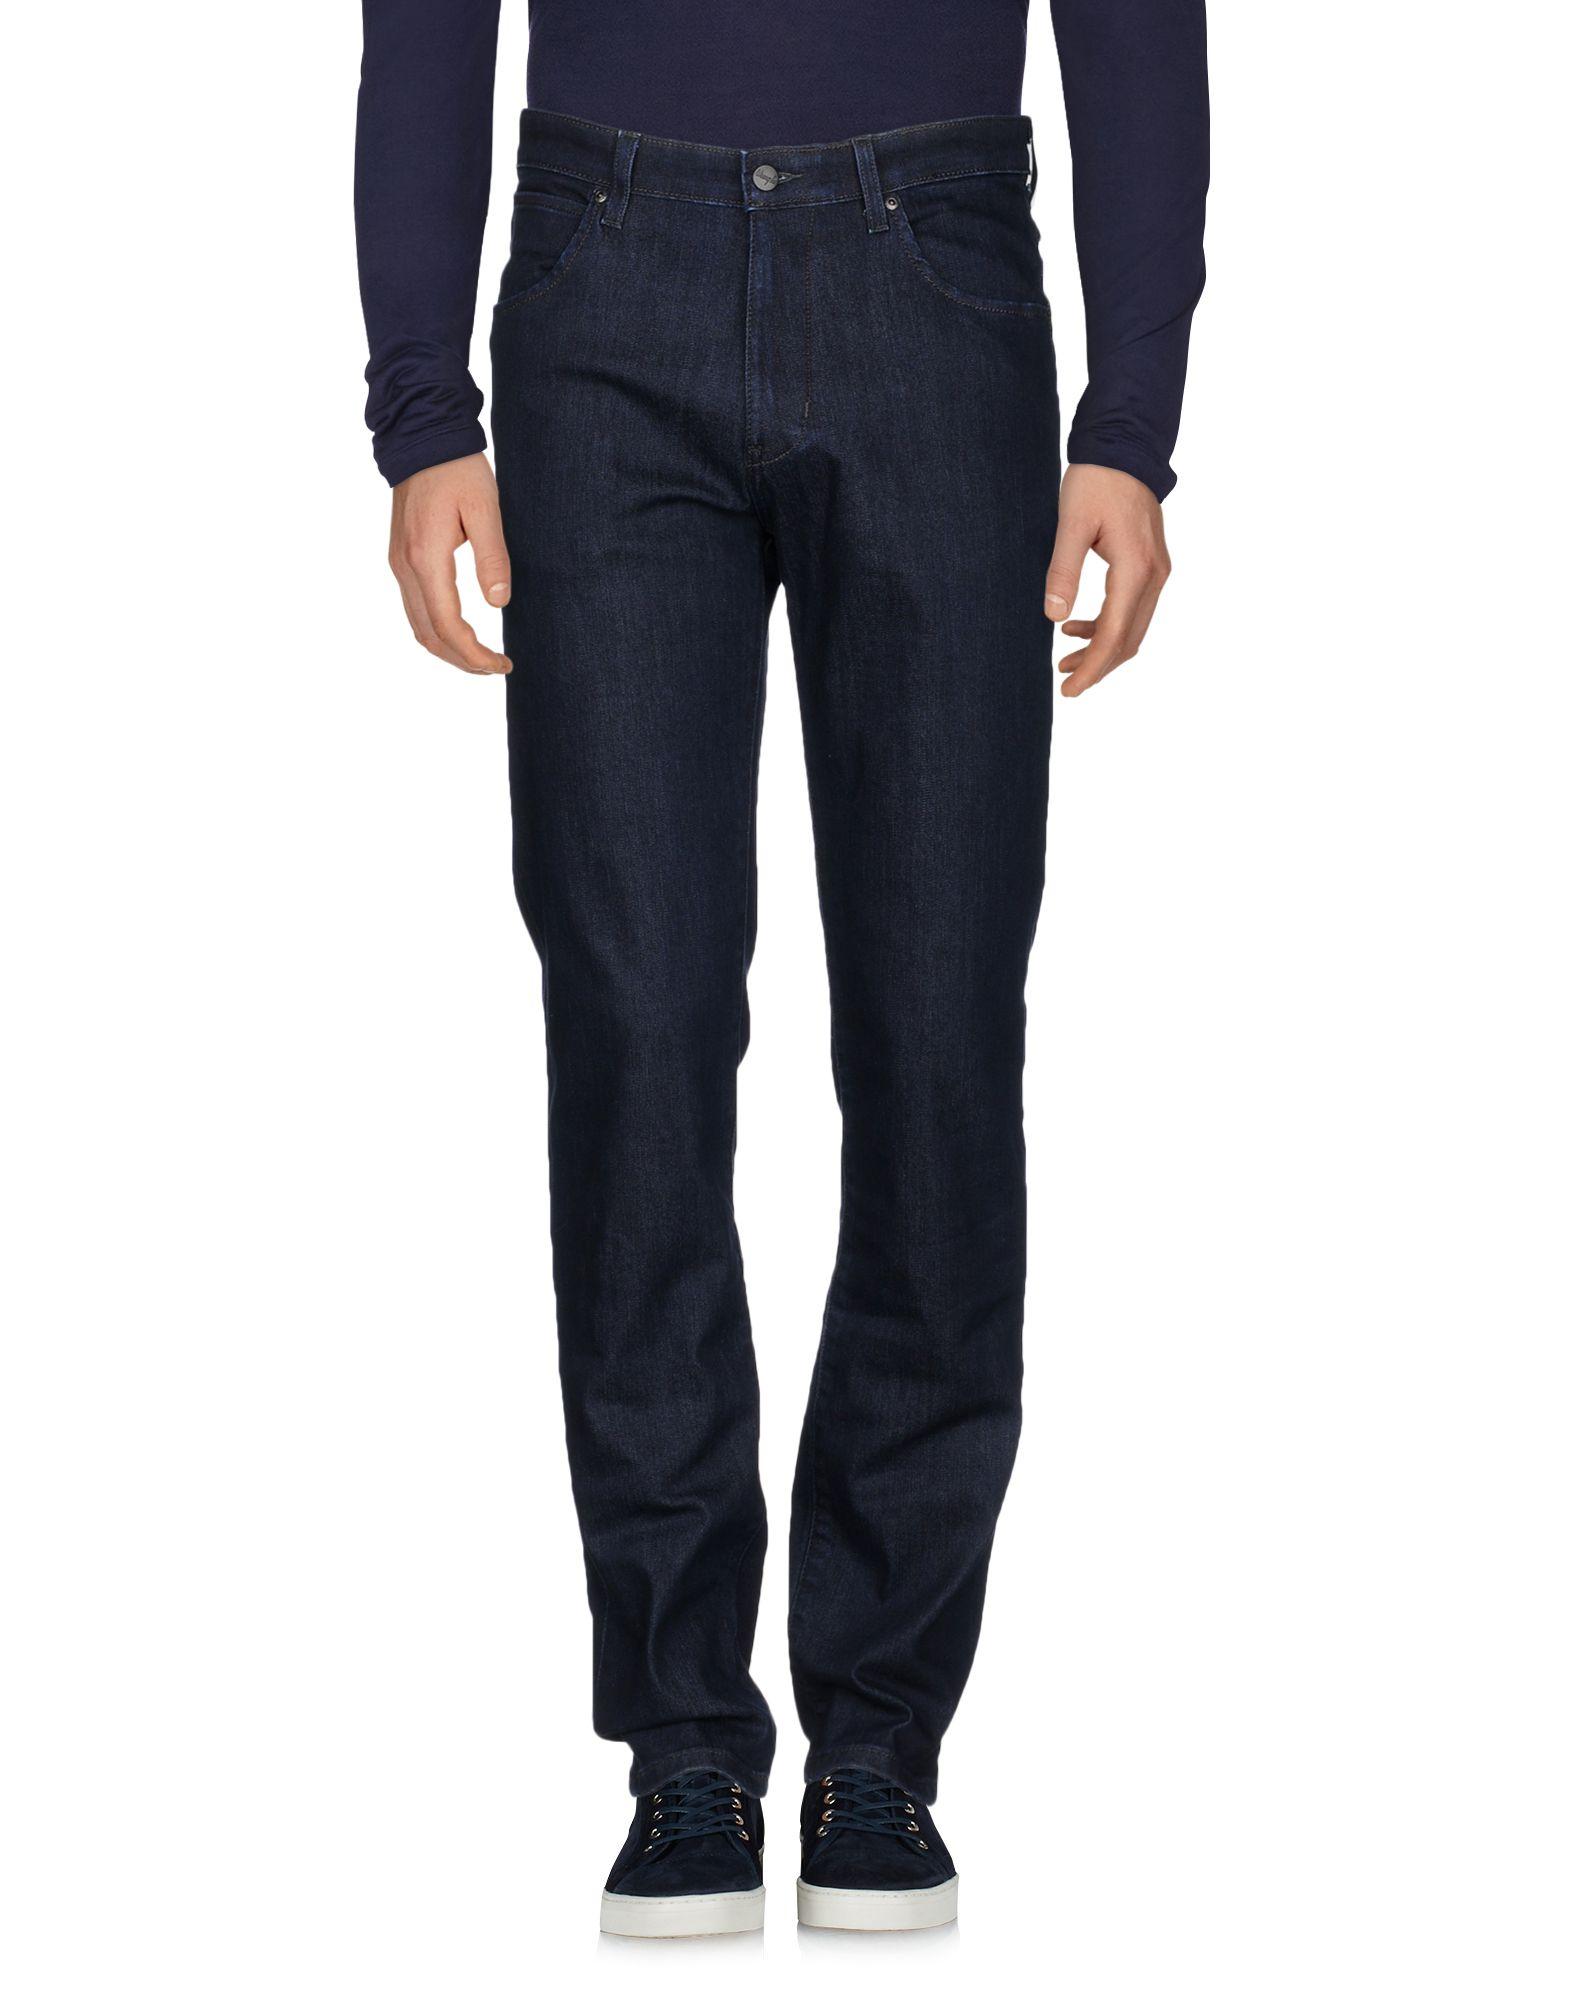 Pantaloni Wrangler Jeans Wrangler Pantaloni Uomo - 42682151JO cbd239